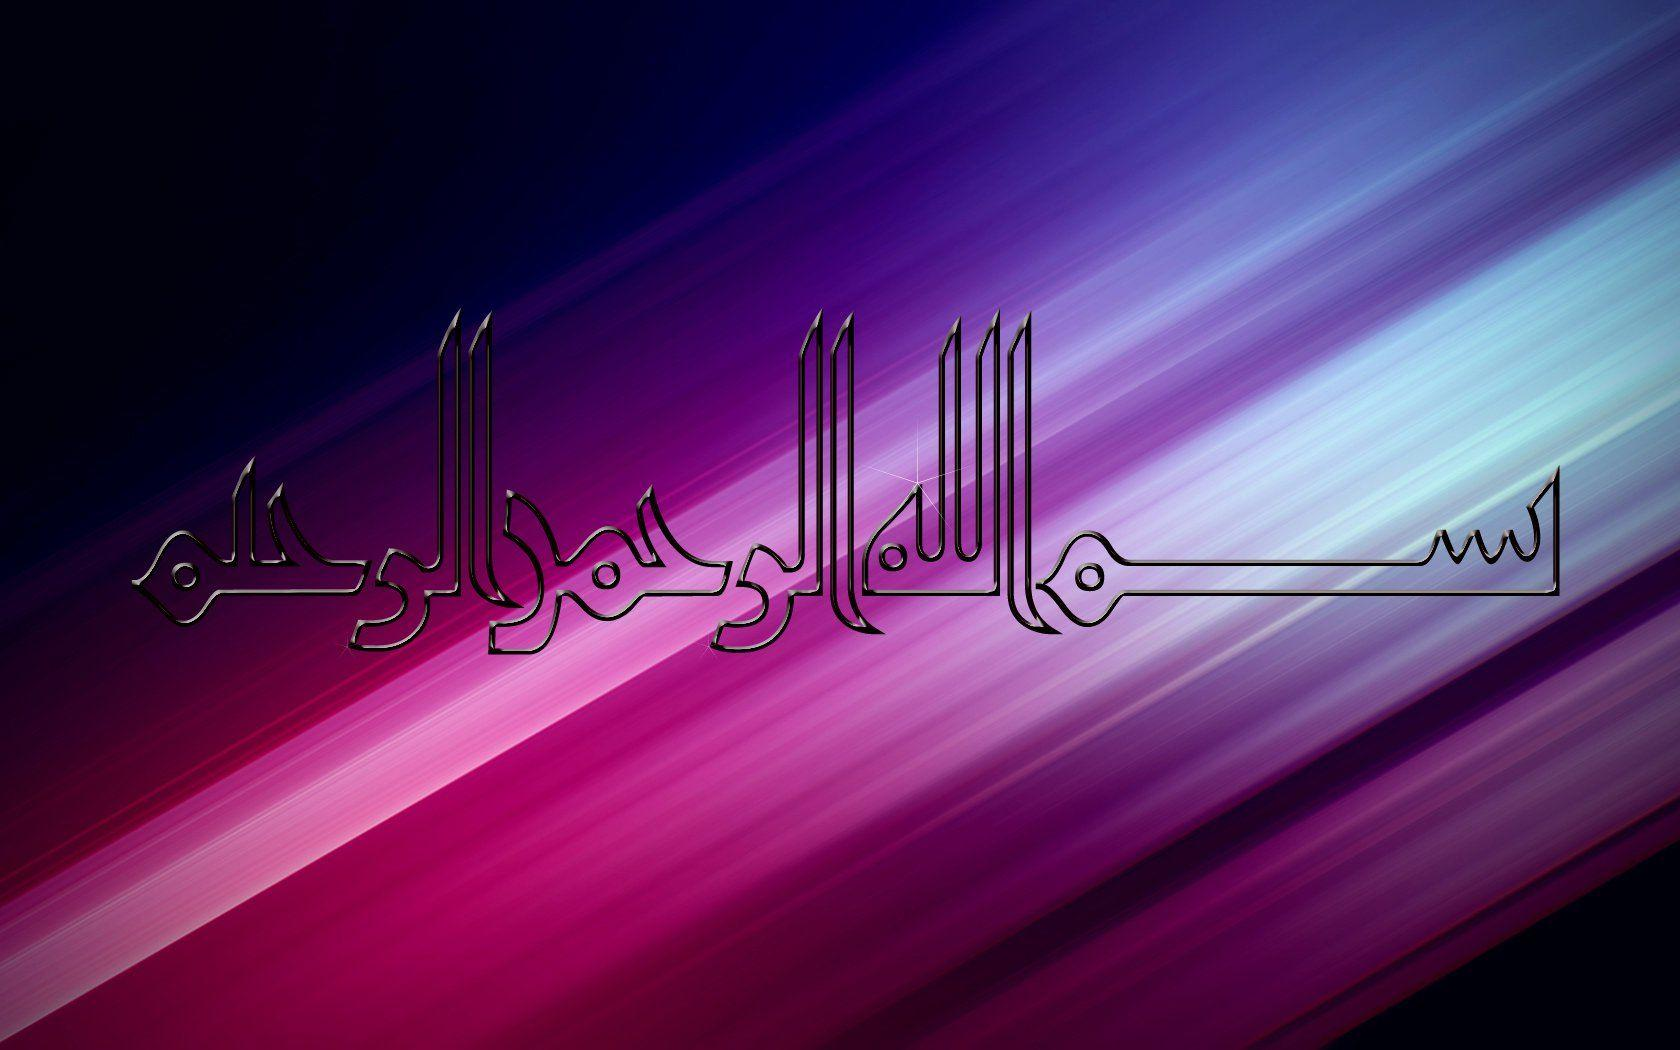 Bism Allah wallpapers | Bism Allah stock photos